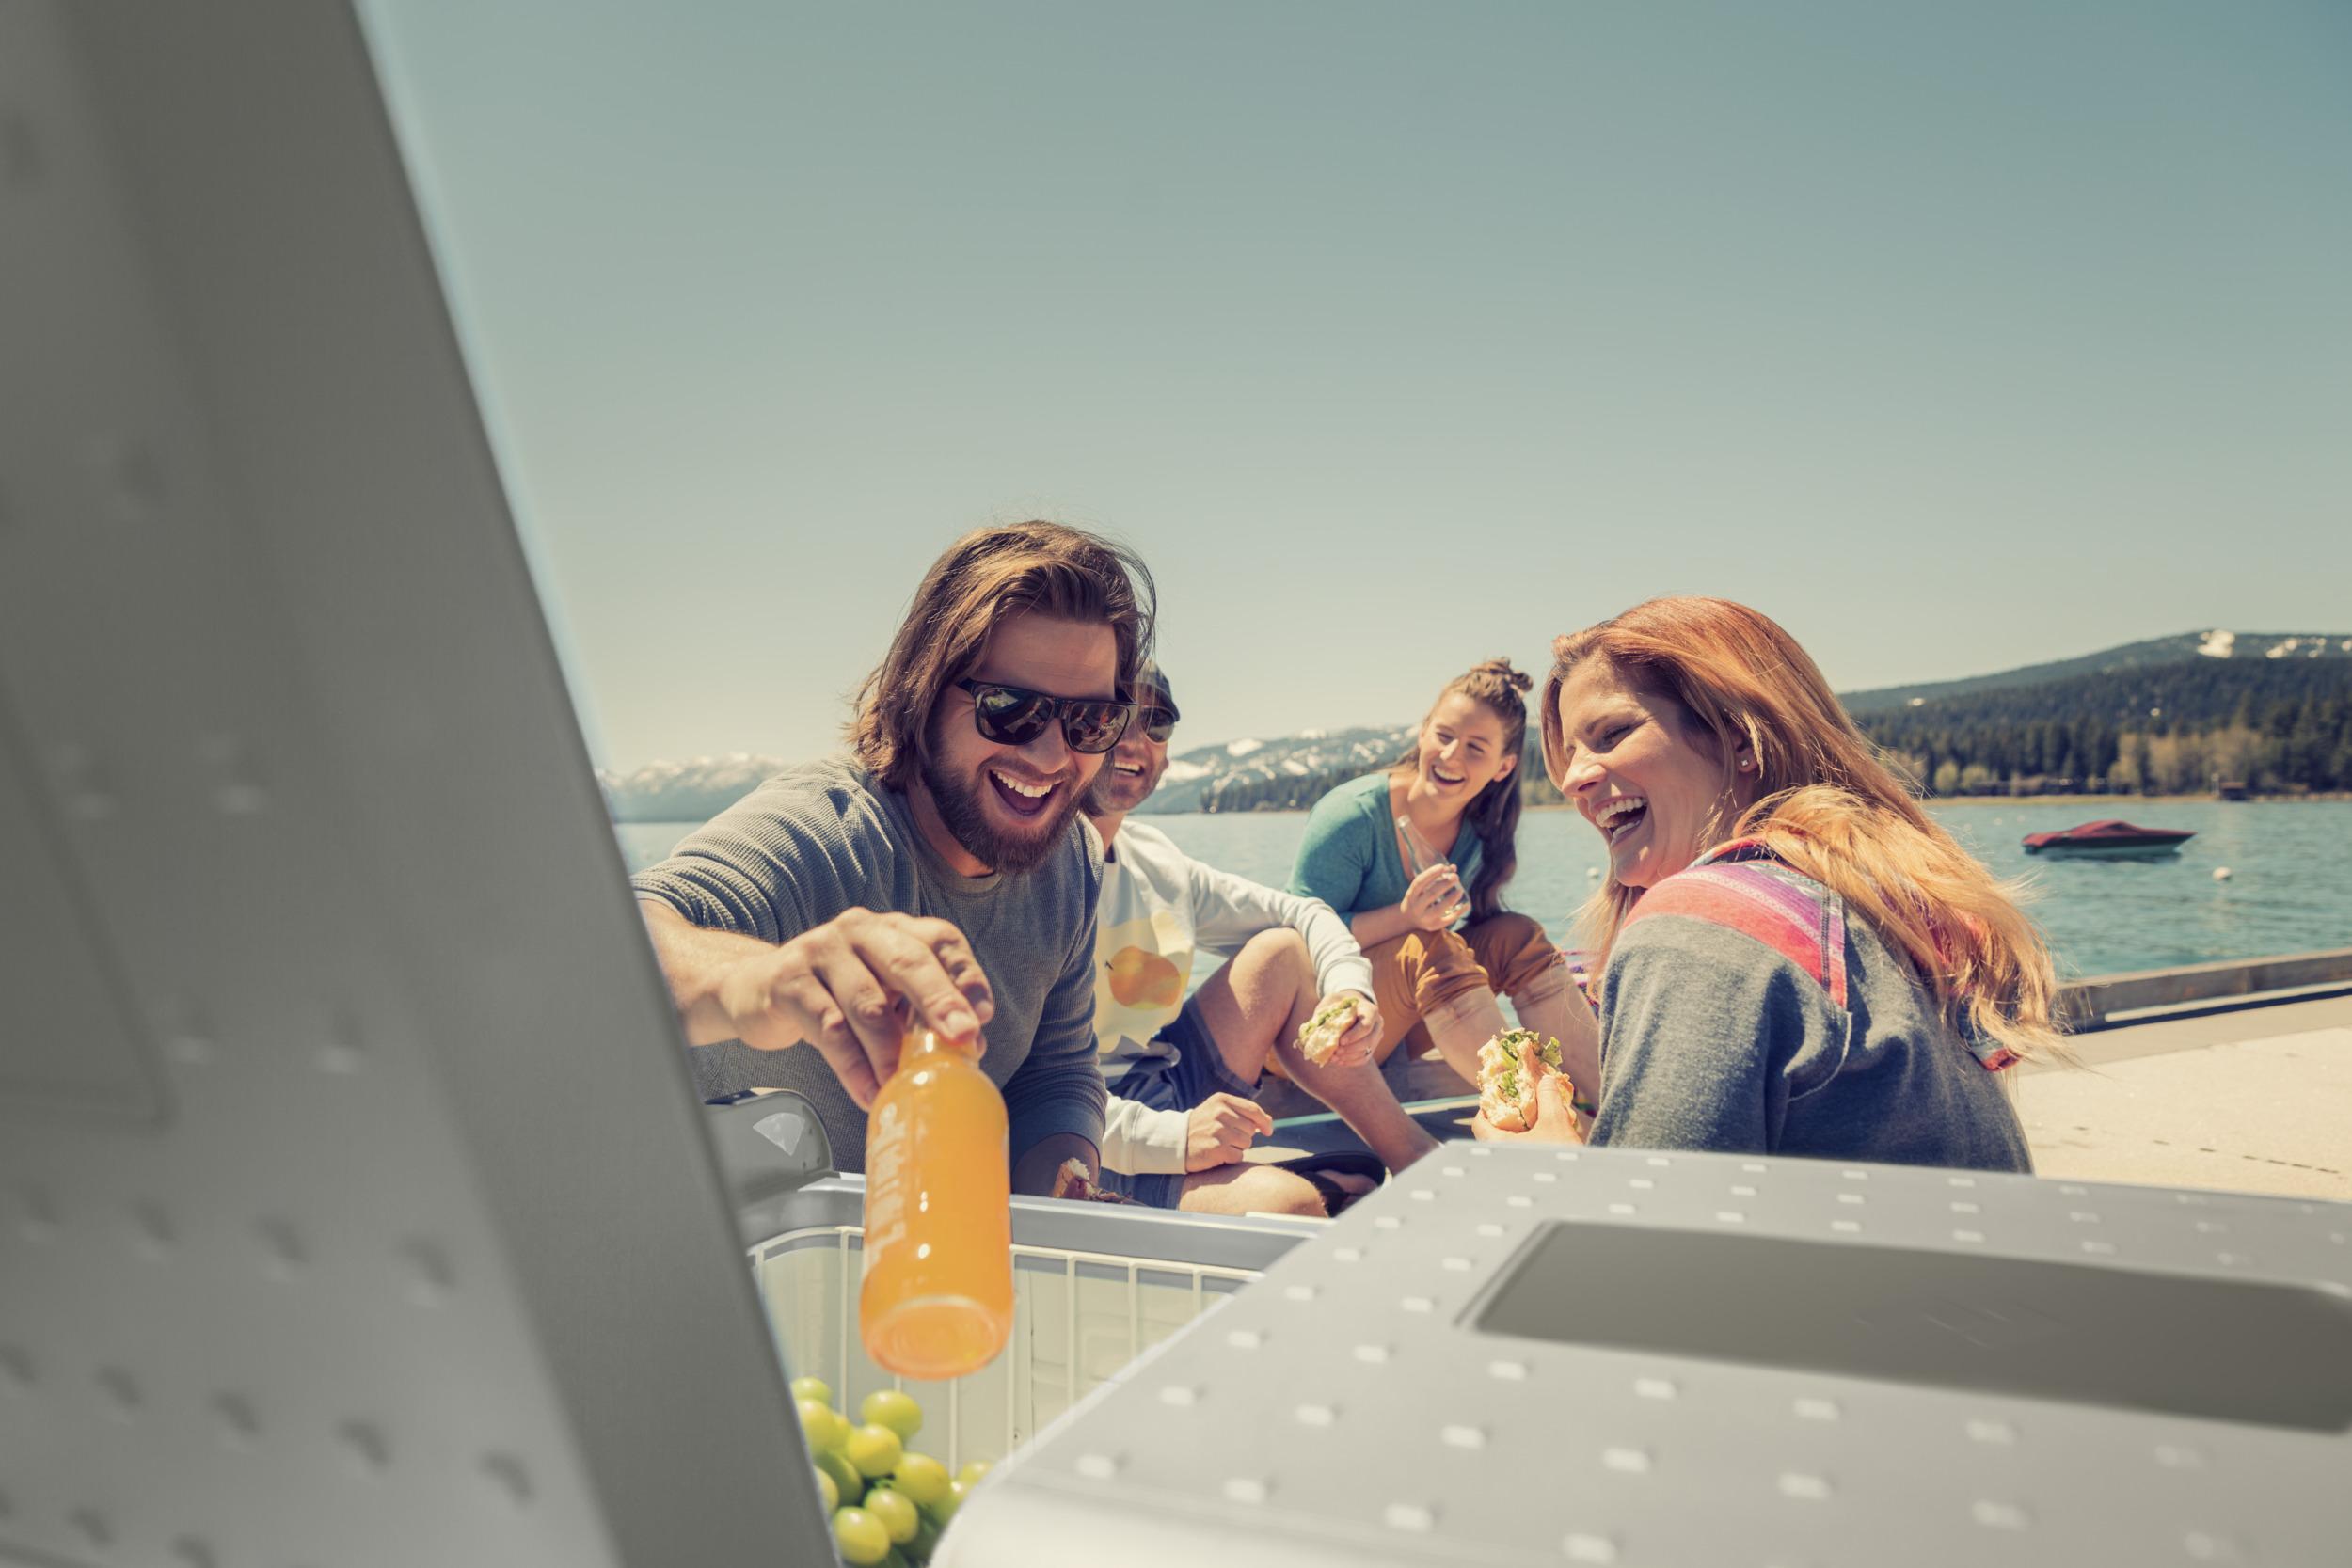 Dometic, zeevaart, camping, mobiele koeling, koelbox, drank, koud, zomer, vrolijk, frisdrank, meer, natuur, berg